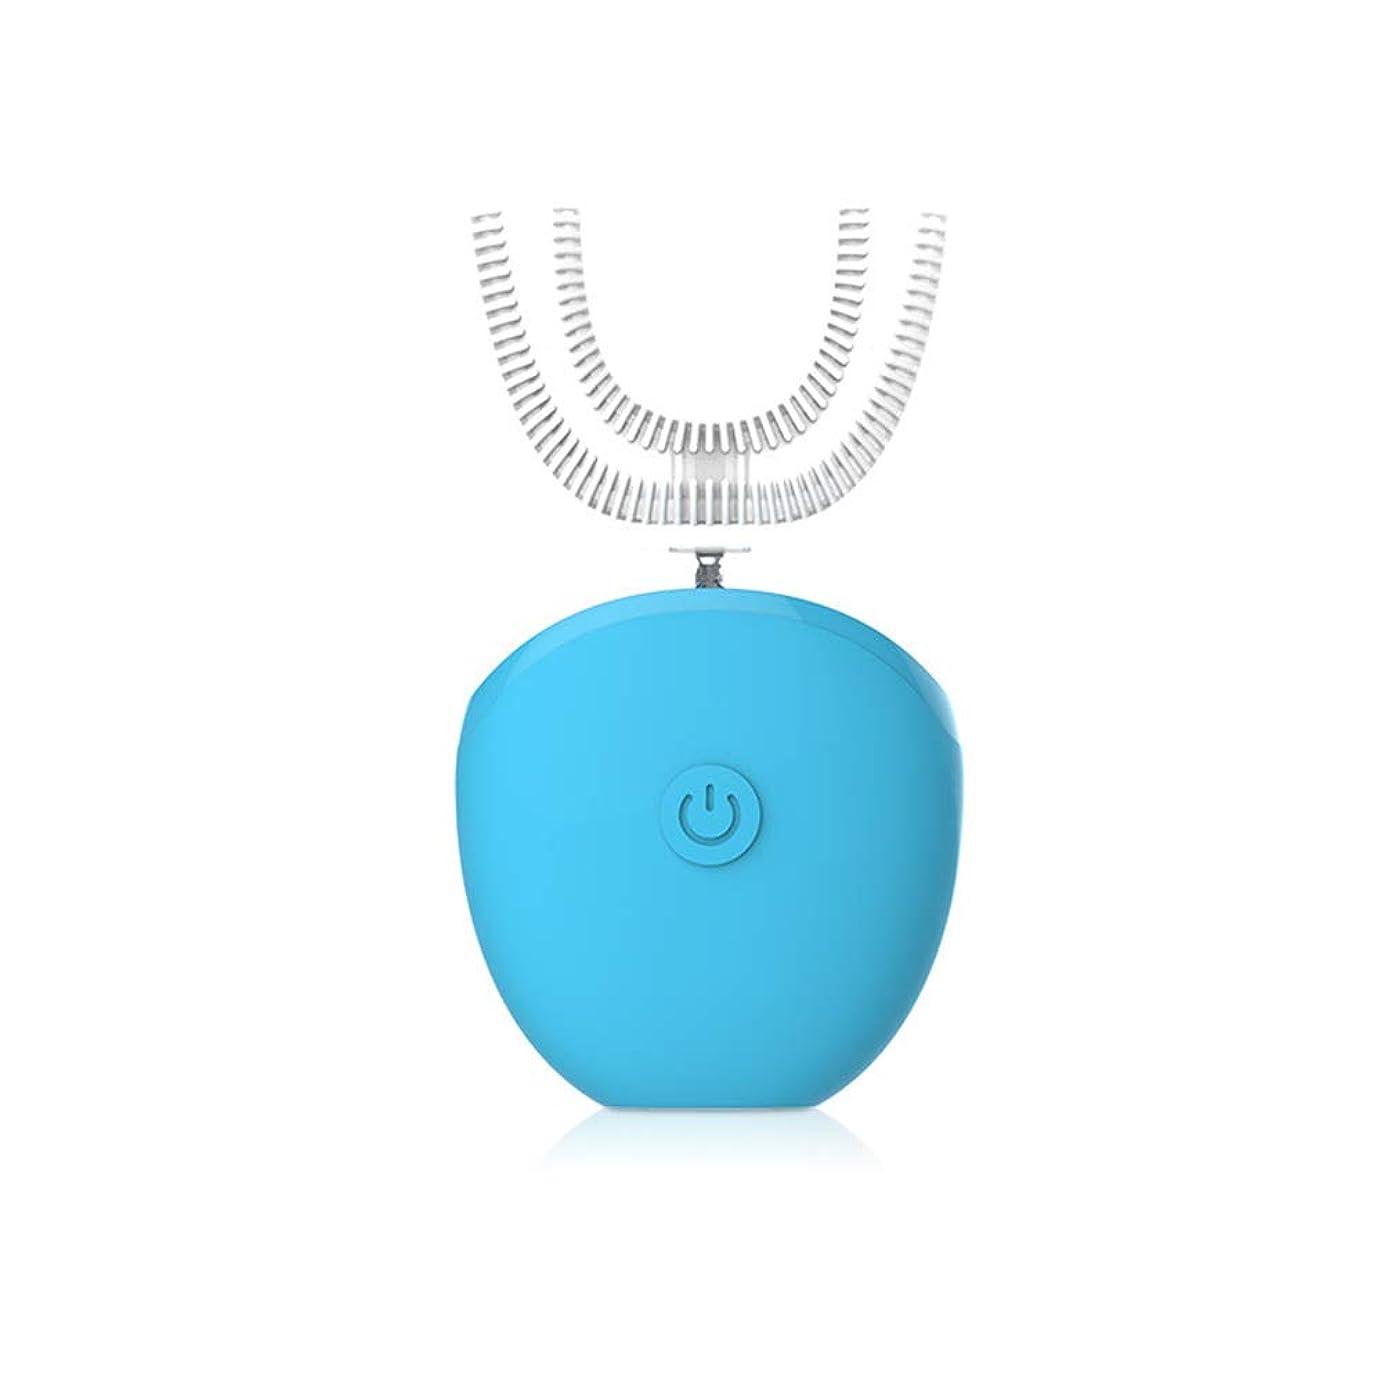 赤外線故障中セットアップ全自動電動歯ブラシ、360°超音波歯ブラシ、15秒での高速ブラッシング、Lazy Tooth Cleaner、ワイヤレス充電ドック,Blue